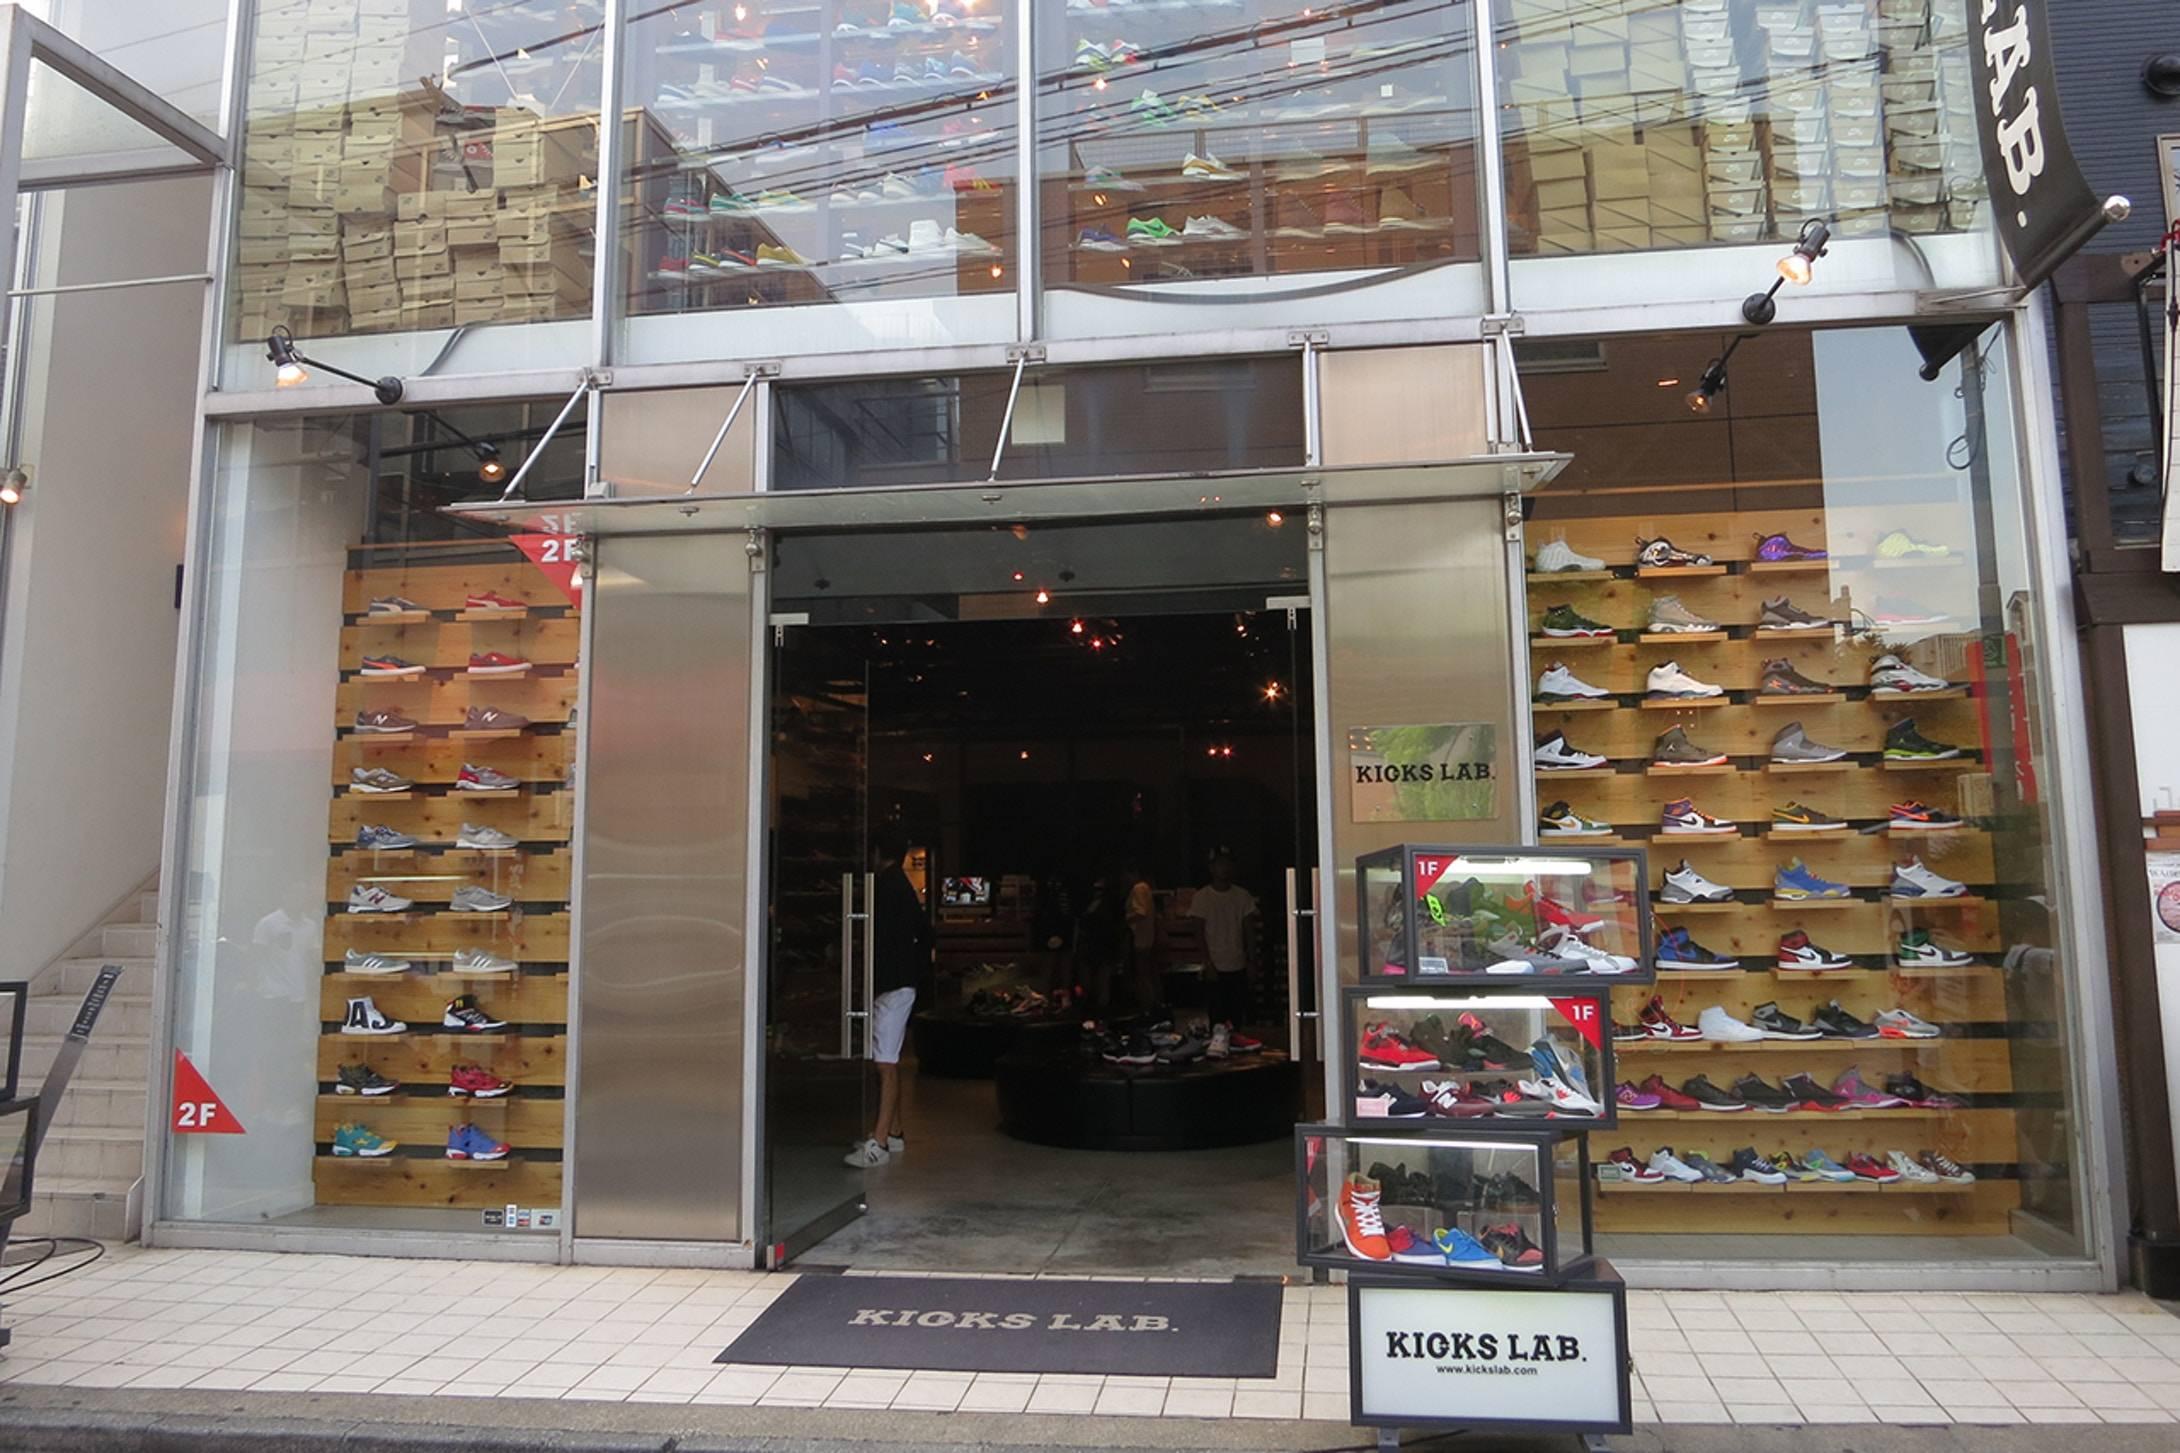 Магазин KICKS LAB — одно из главных мест в Токио для сникерхедов